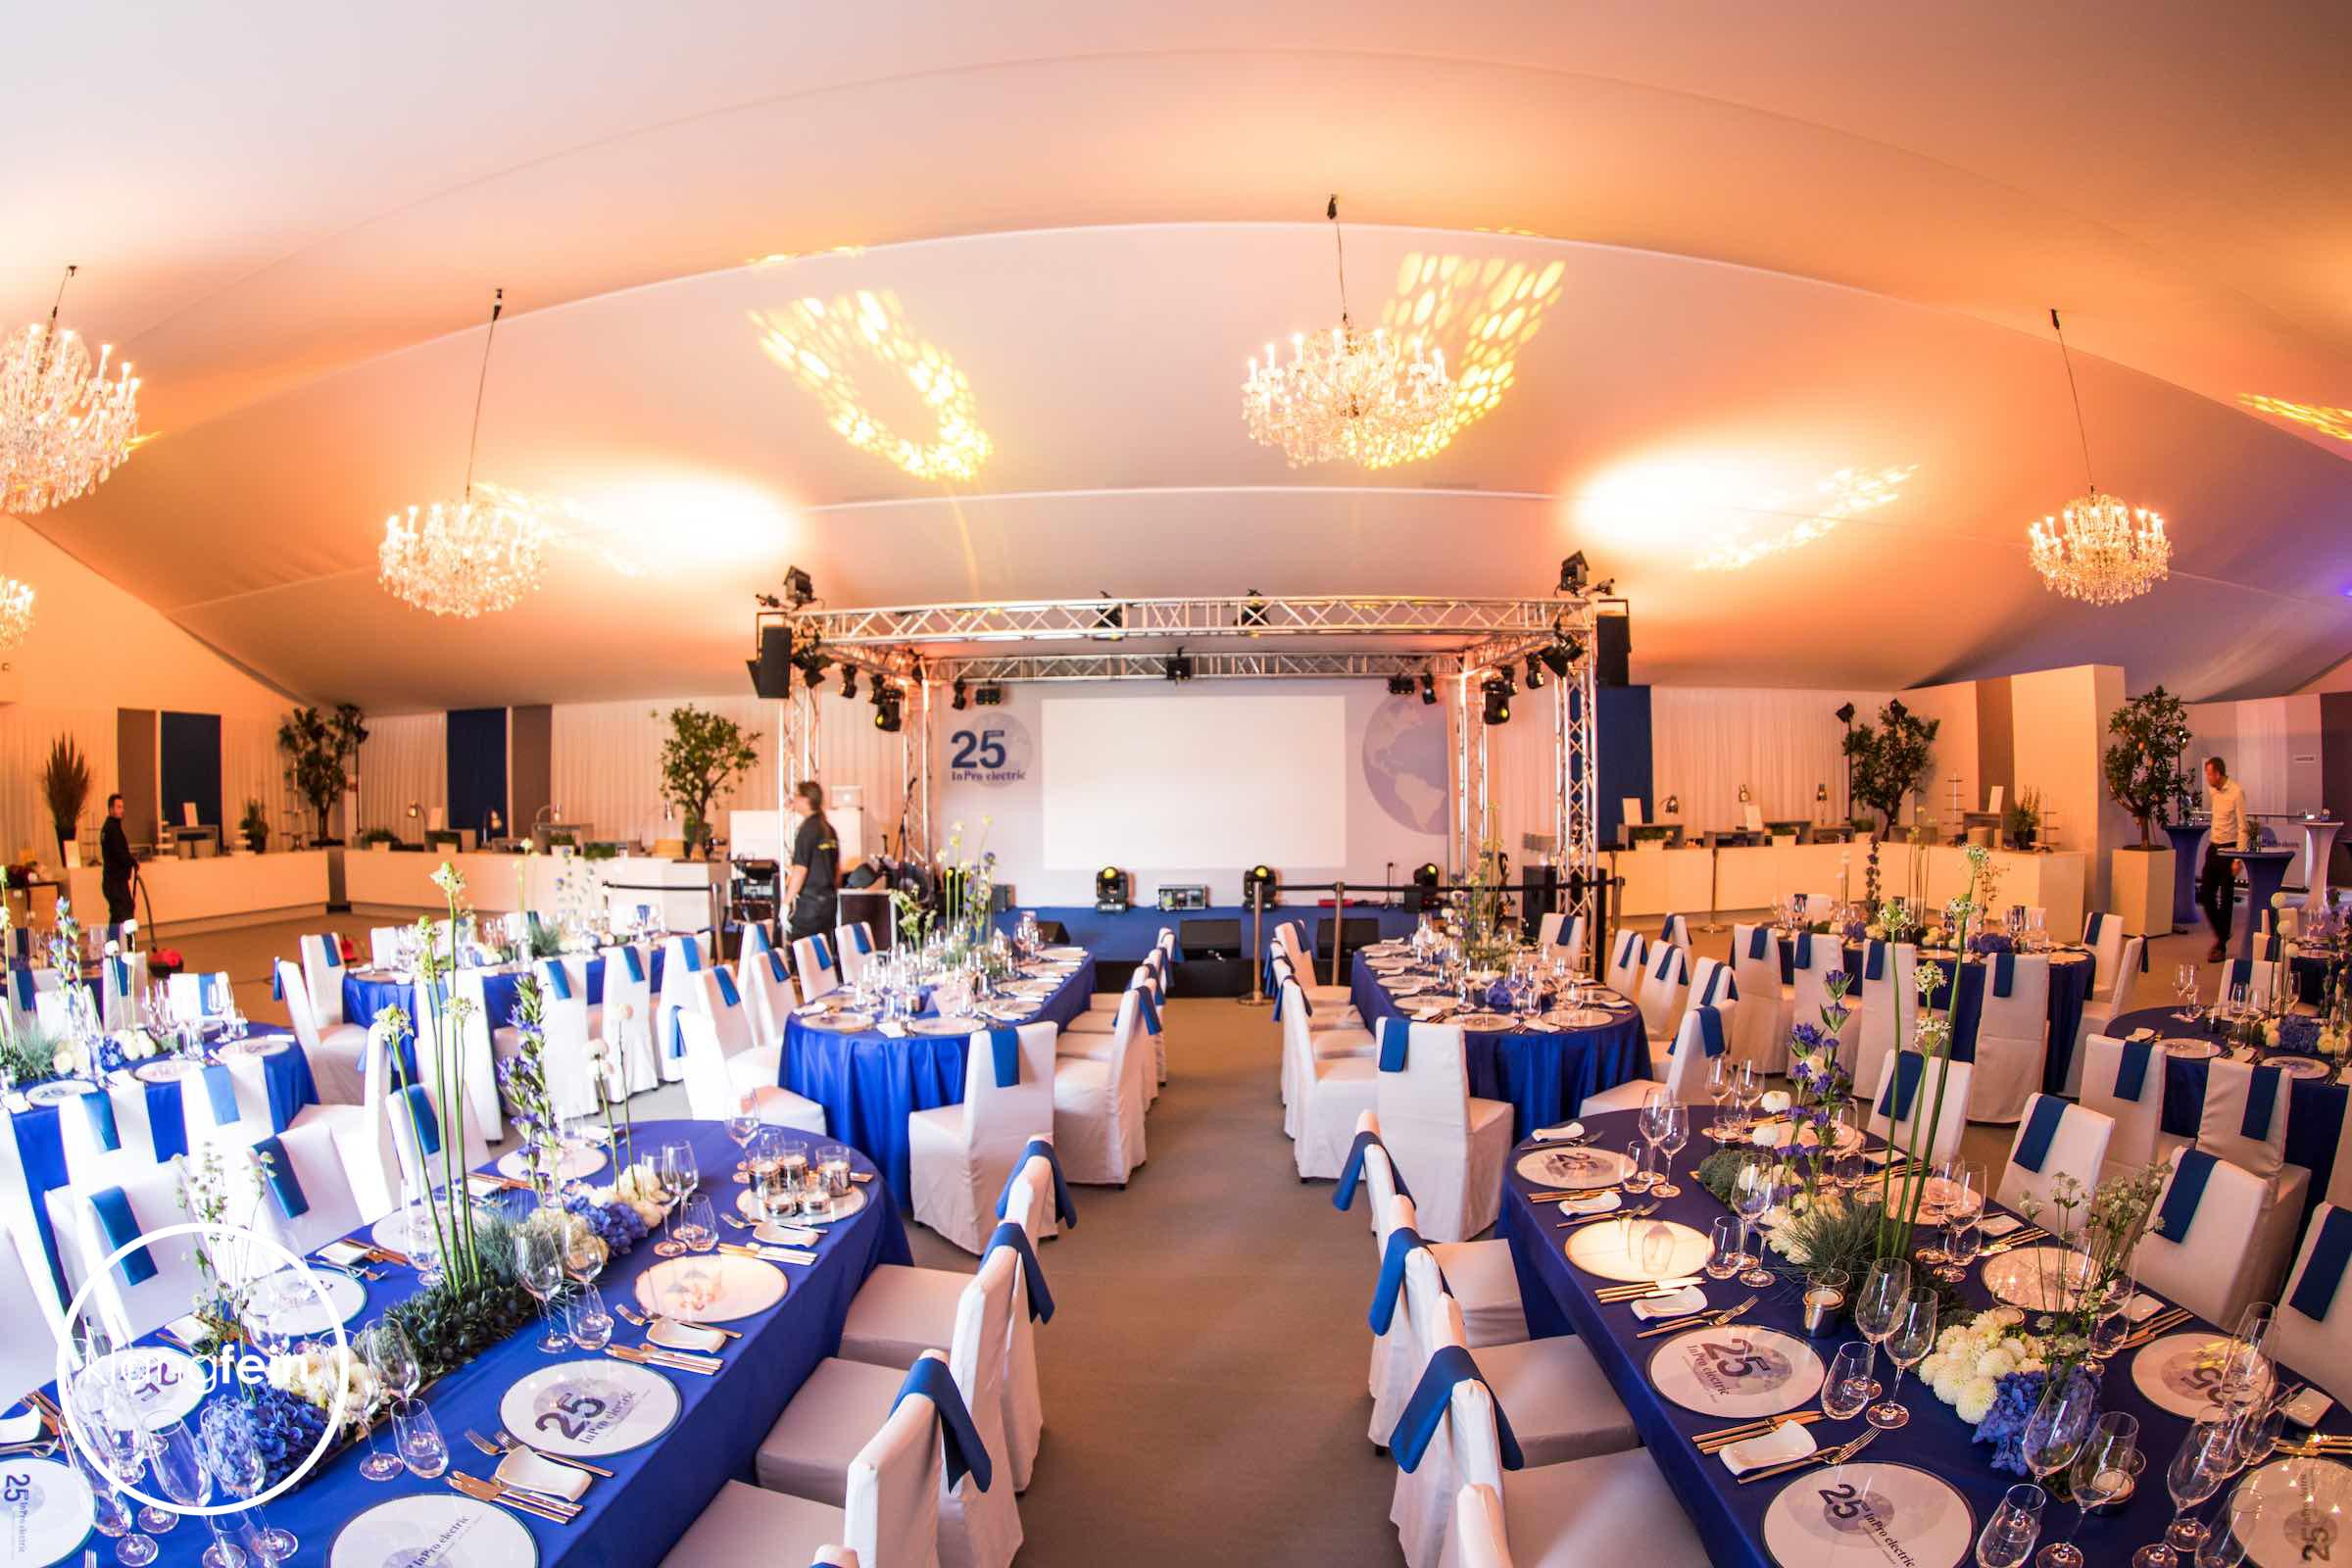 Bühnentechnik   Tontechnik   Traversen   Tagung   Kongress   Firmenevent   Gala   Messe   Mieten   Hannover   Klangfein